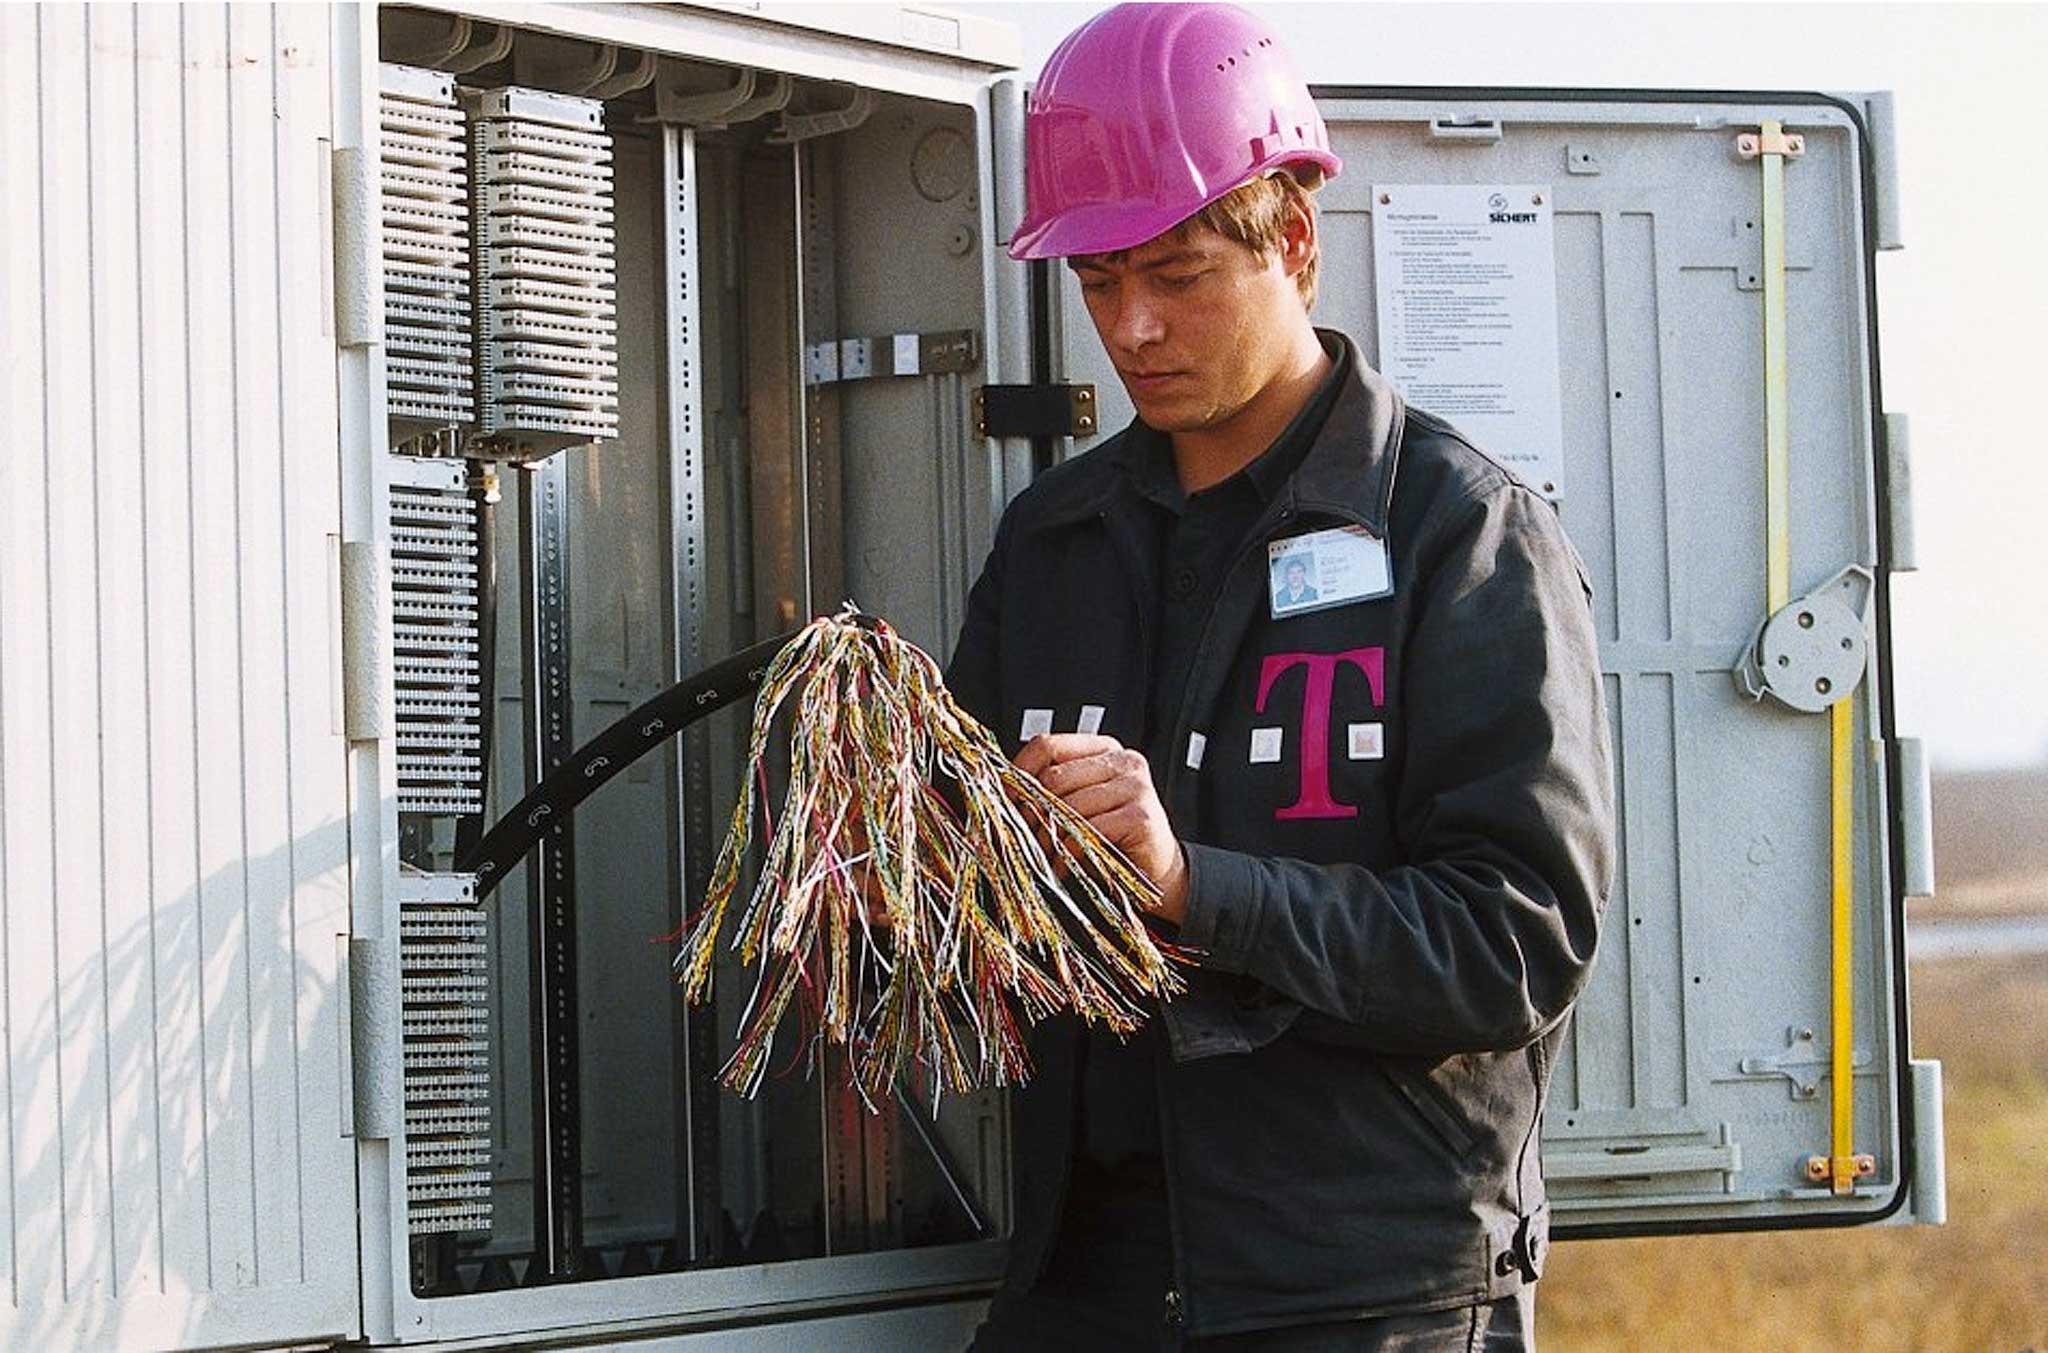 Kompetenz durch kompetente Kleidung – die Arbeitskleidung der Telekom ist ein Lehrbeispiel für Coporate Fashion. Möglich wurde die Qualität durch die Zusammenarbeit von Corporate Design, Mode Design, Telekom und Hersteller.